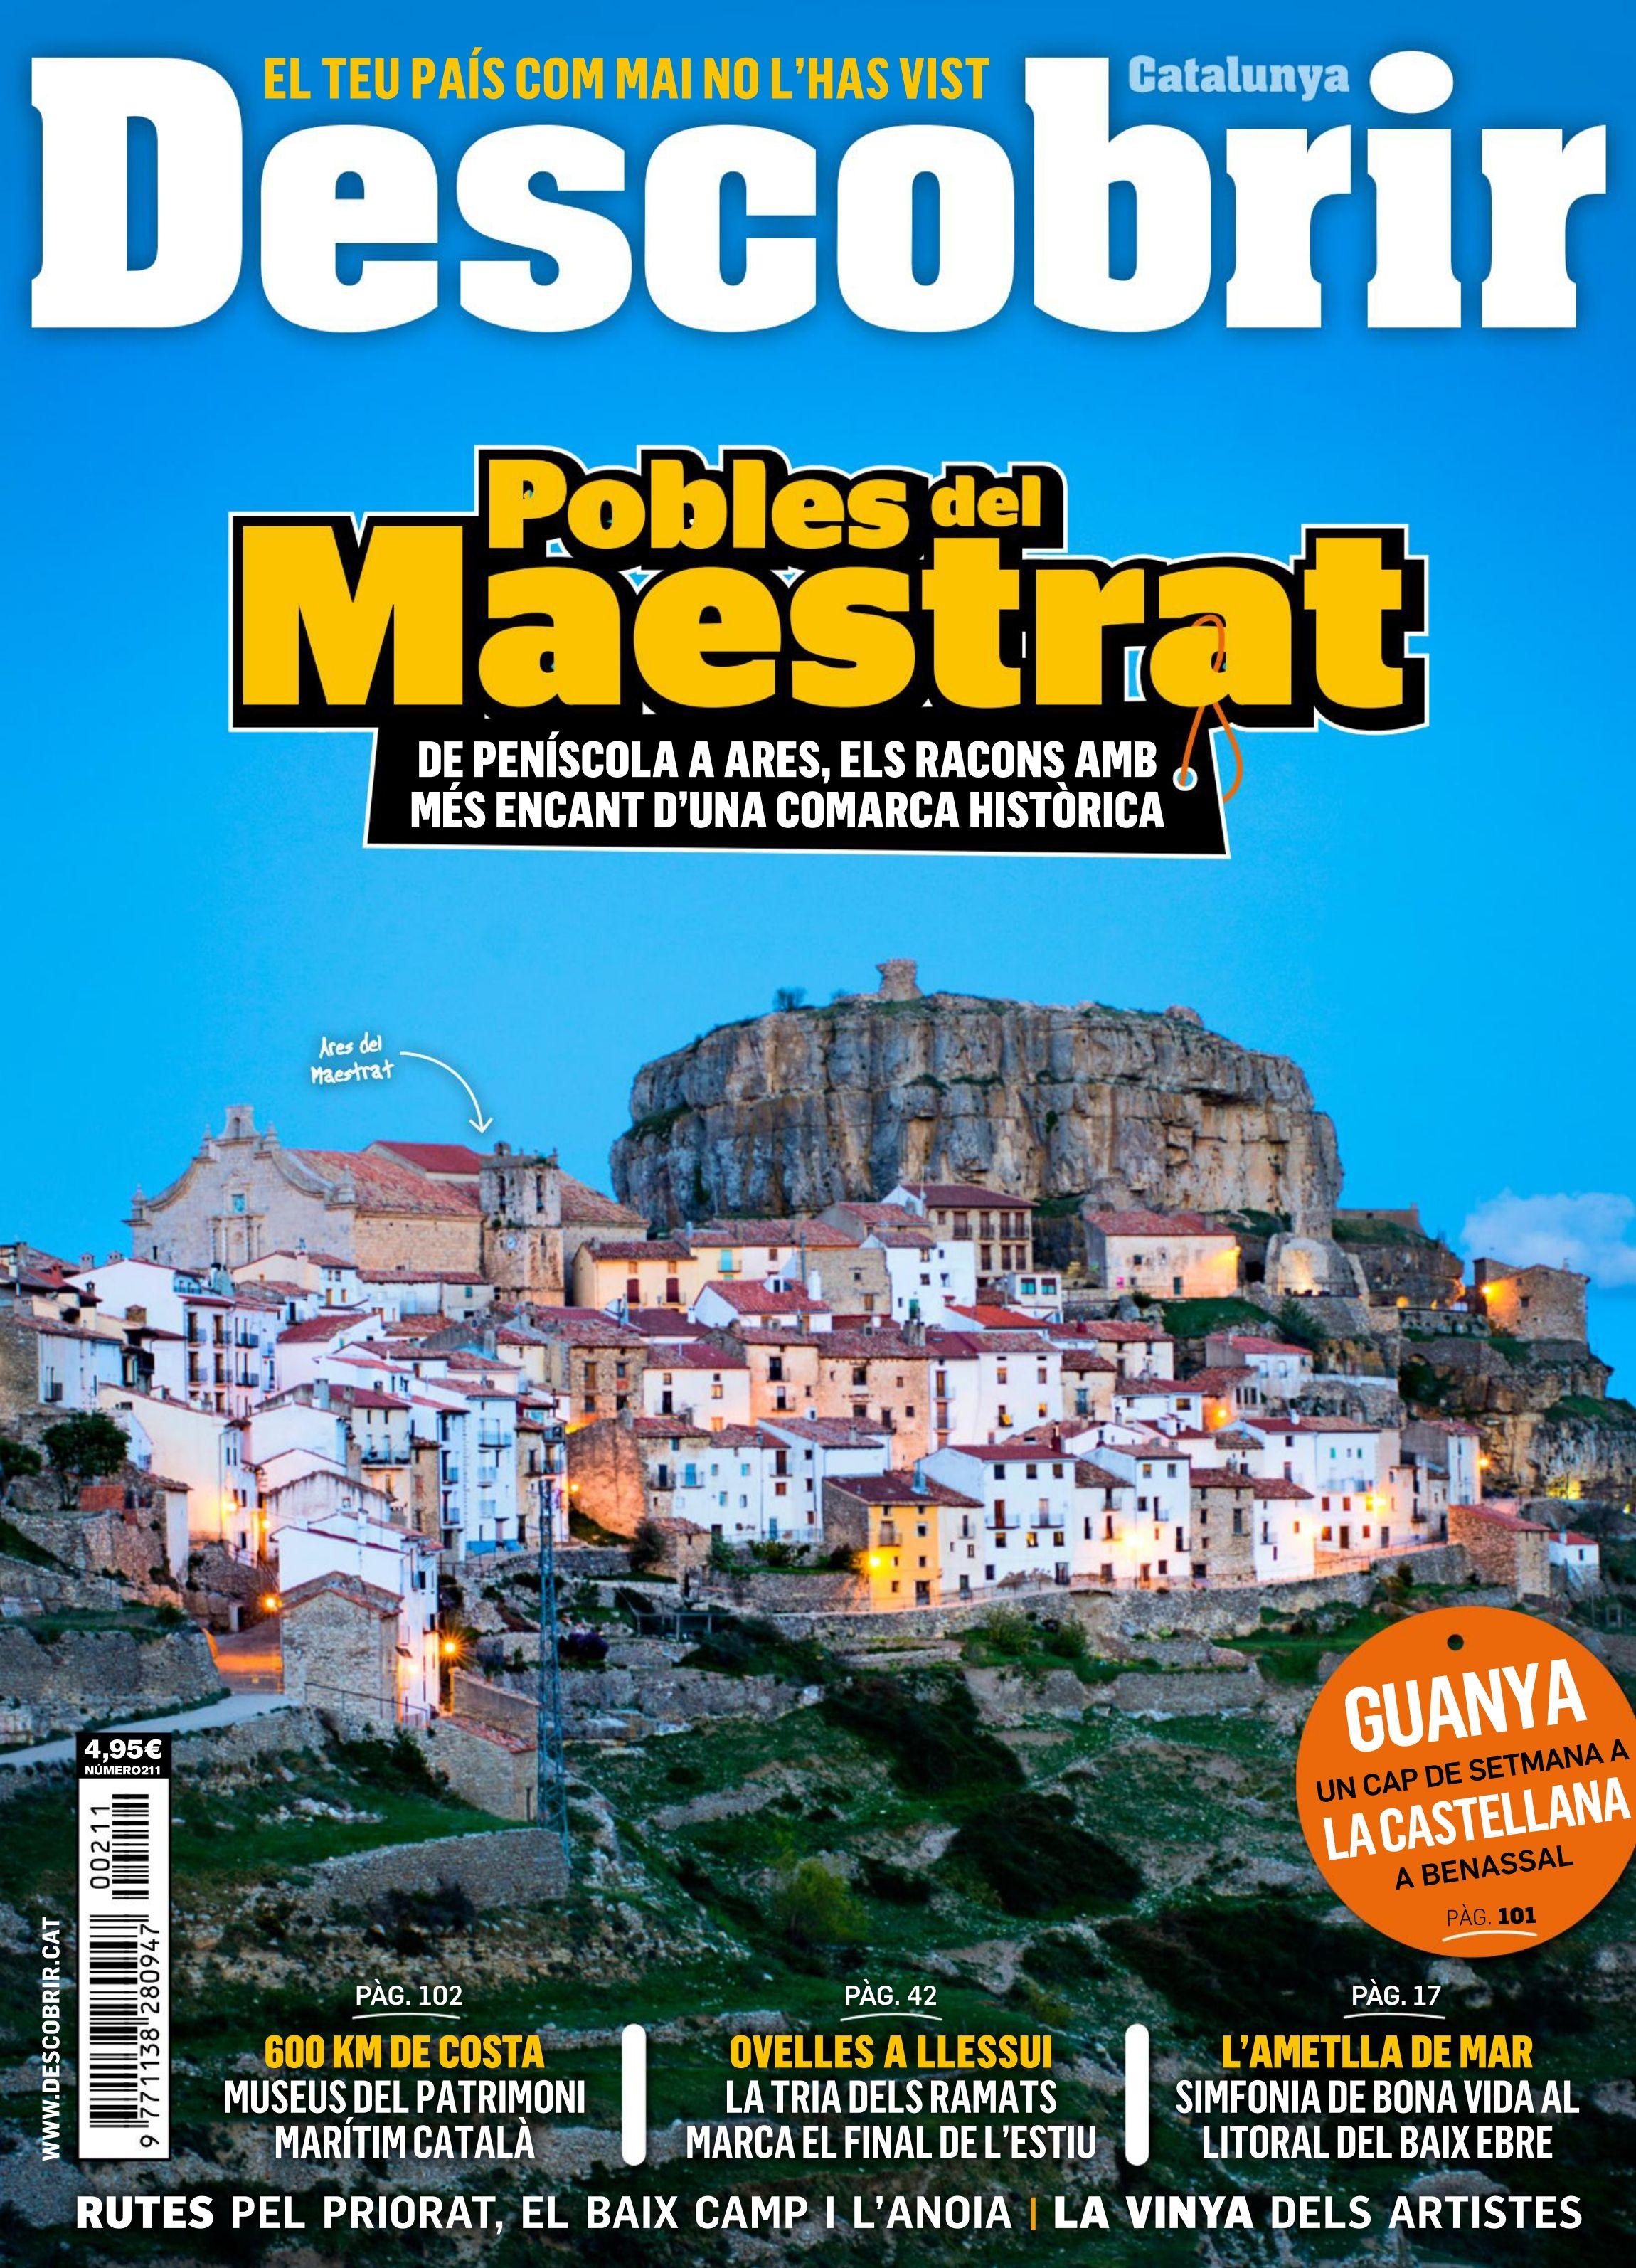 Revista #Descobrir 211. Pobles del Maestrat, de Peníscola a Ares, els racons amb més encant d'una comarca històrica.